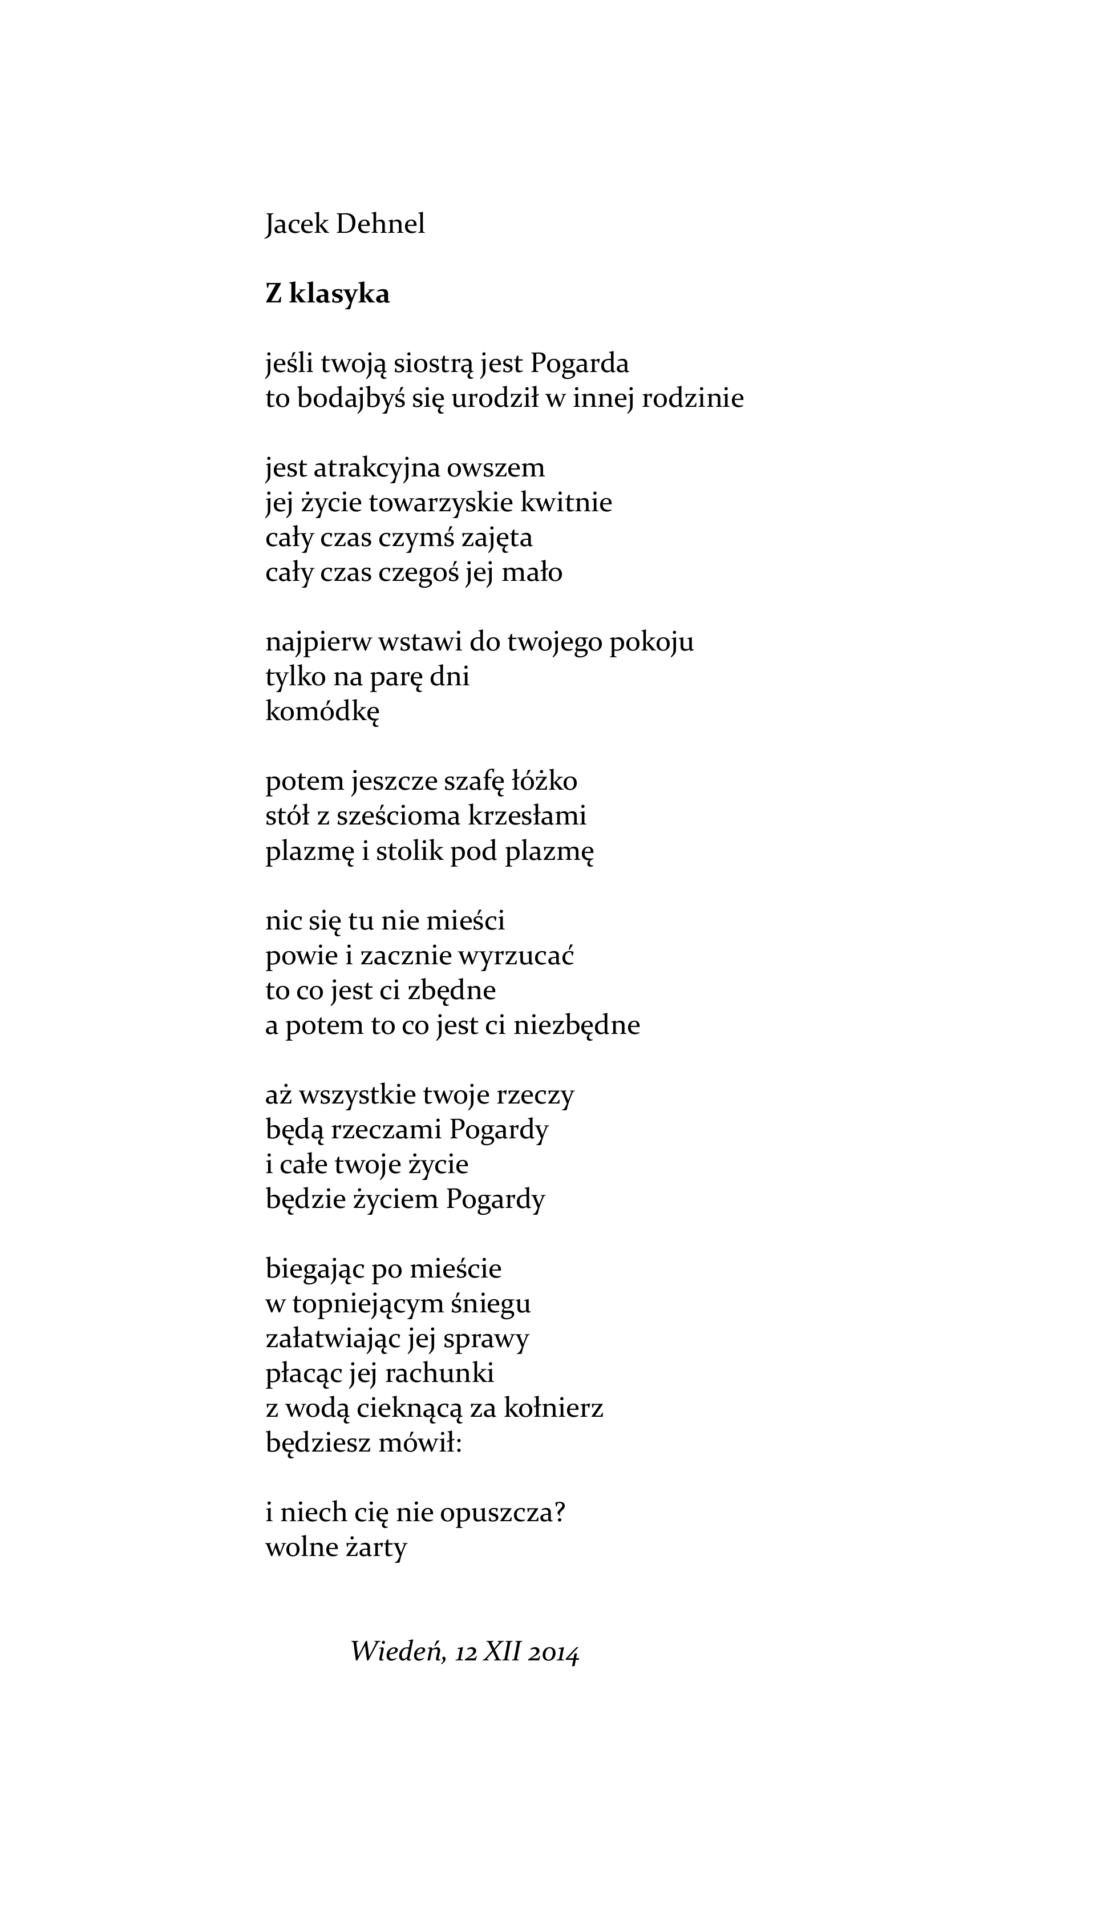 Piotrkiezun 225 Kultura Liberalna